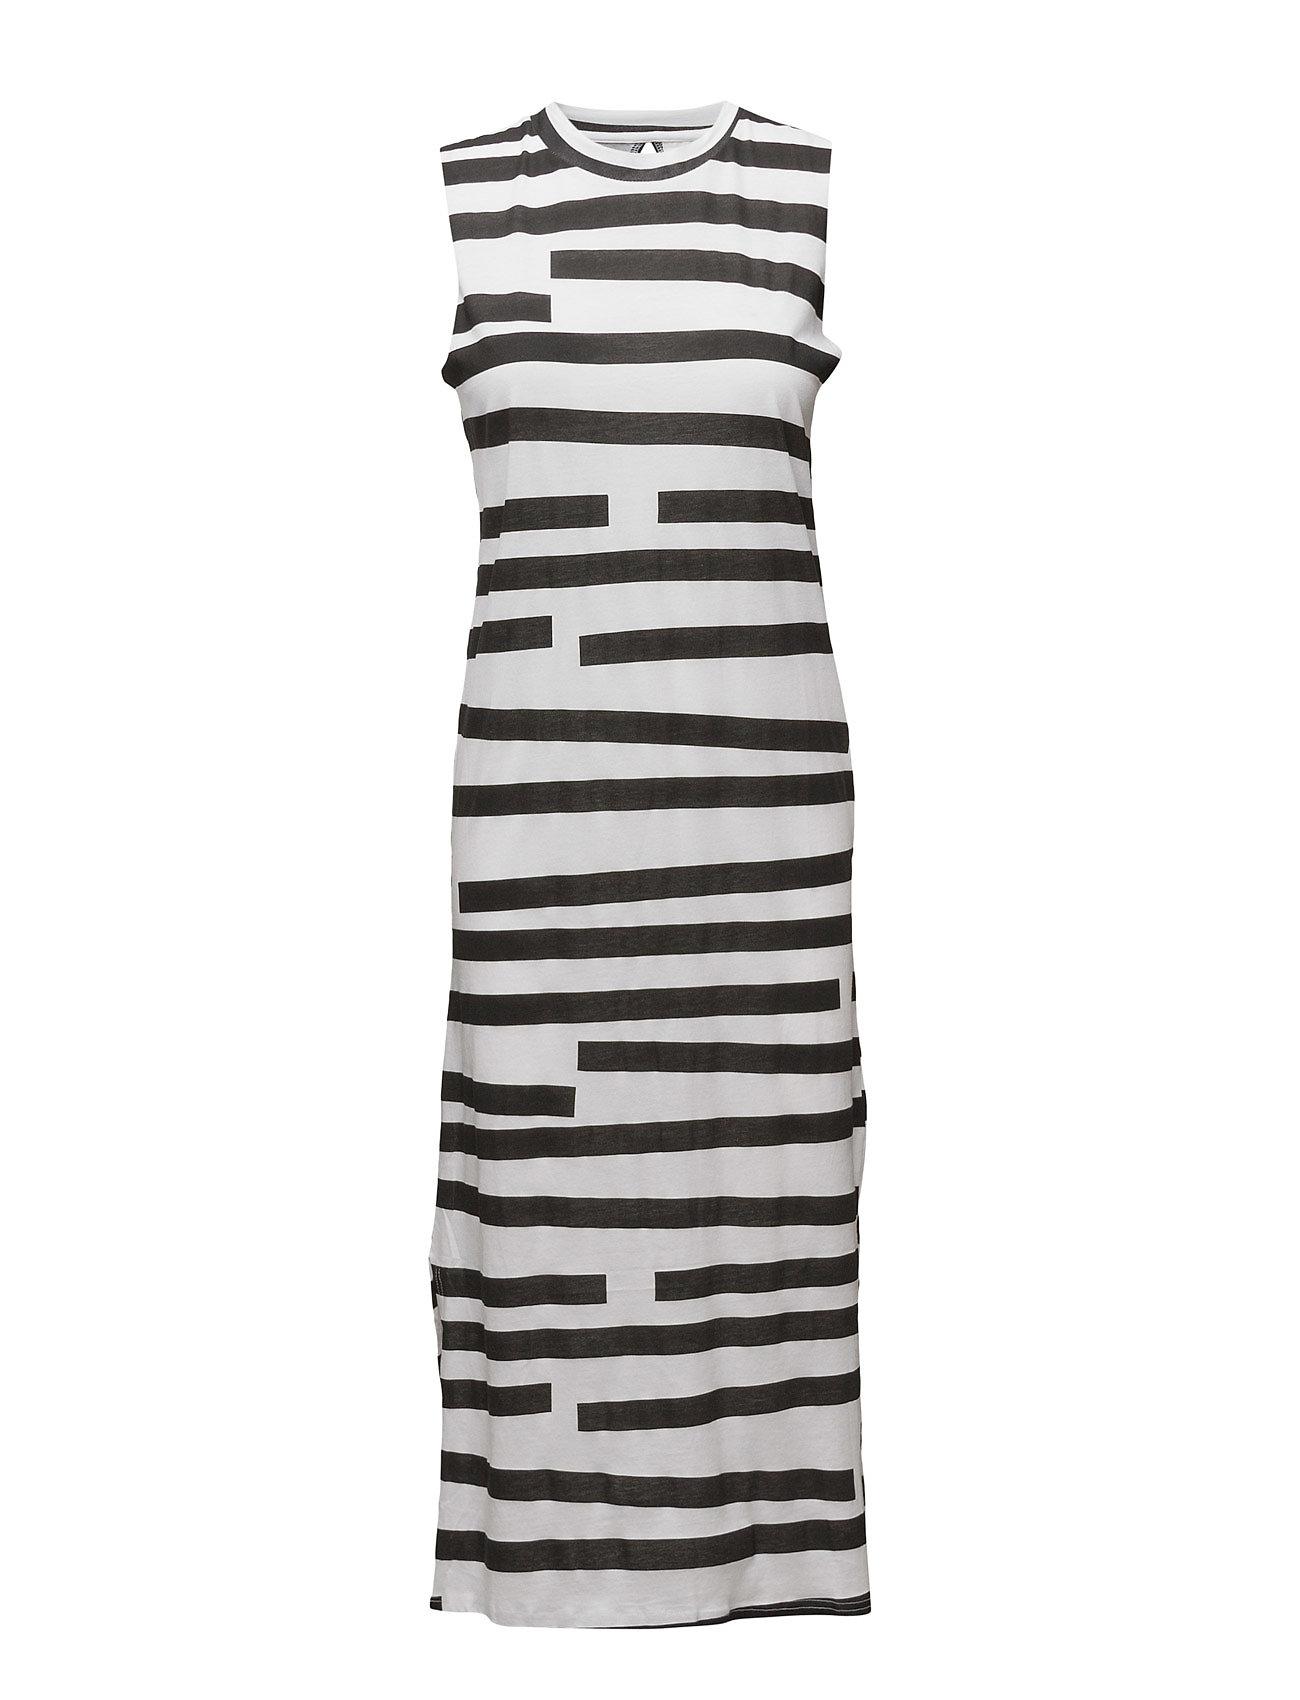 Twine Dress Odd Stripe Cheap Monday Knælange & mellemlange til Damer i hvid